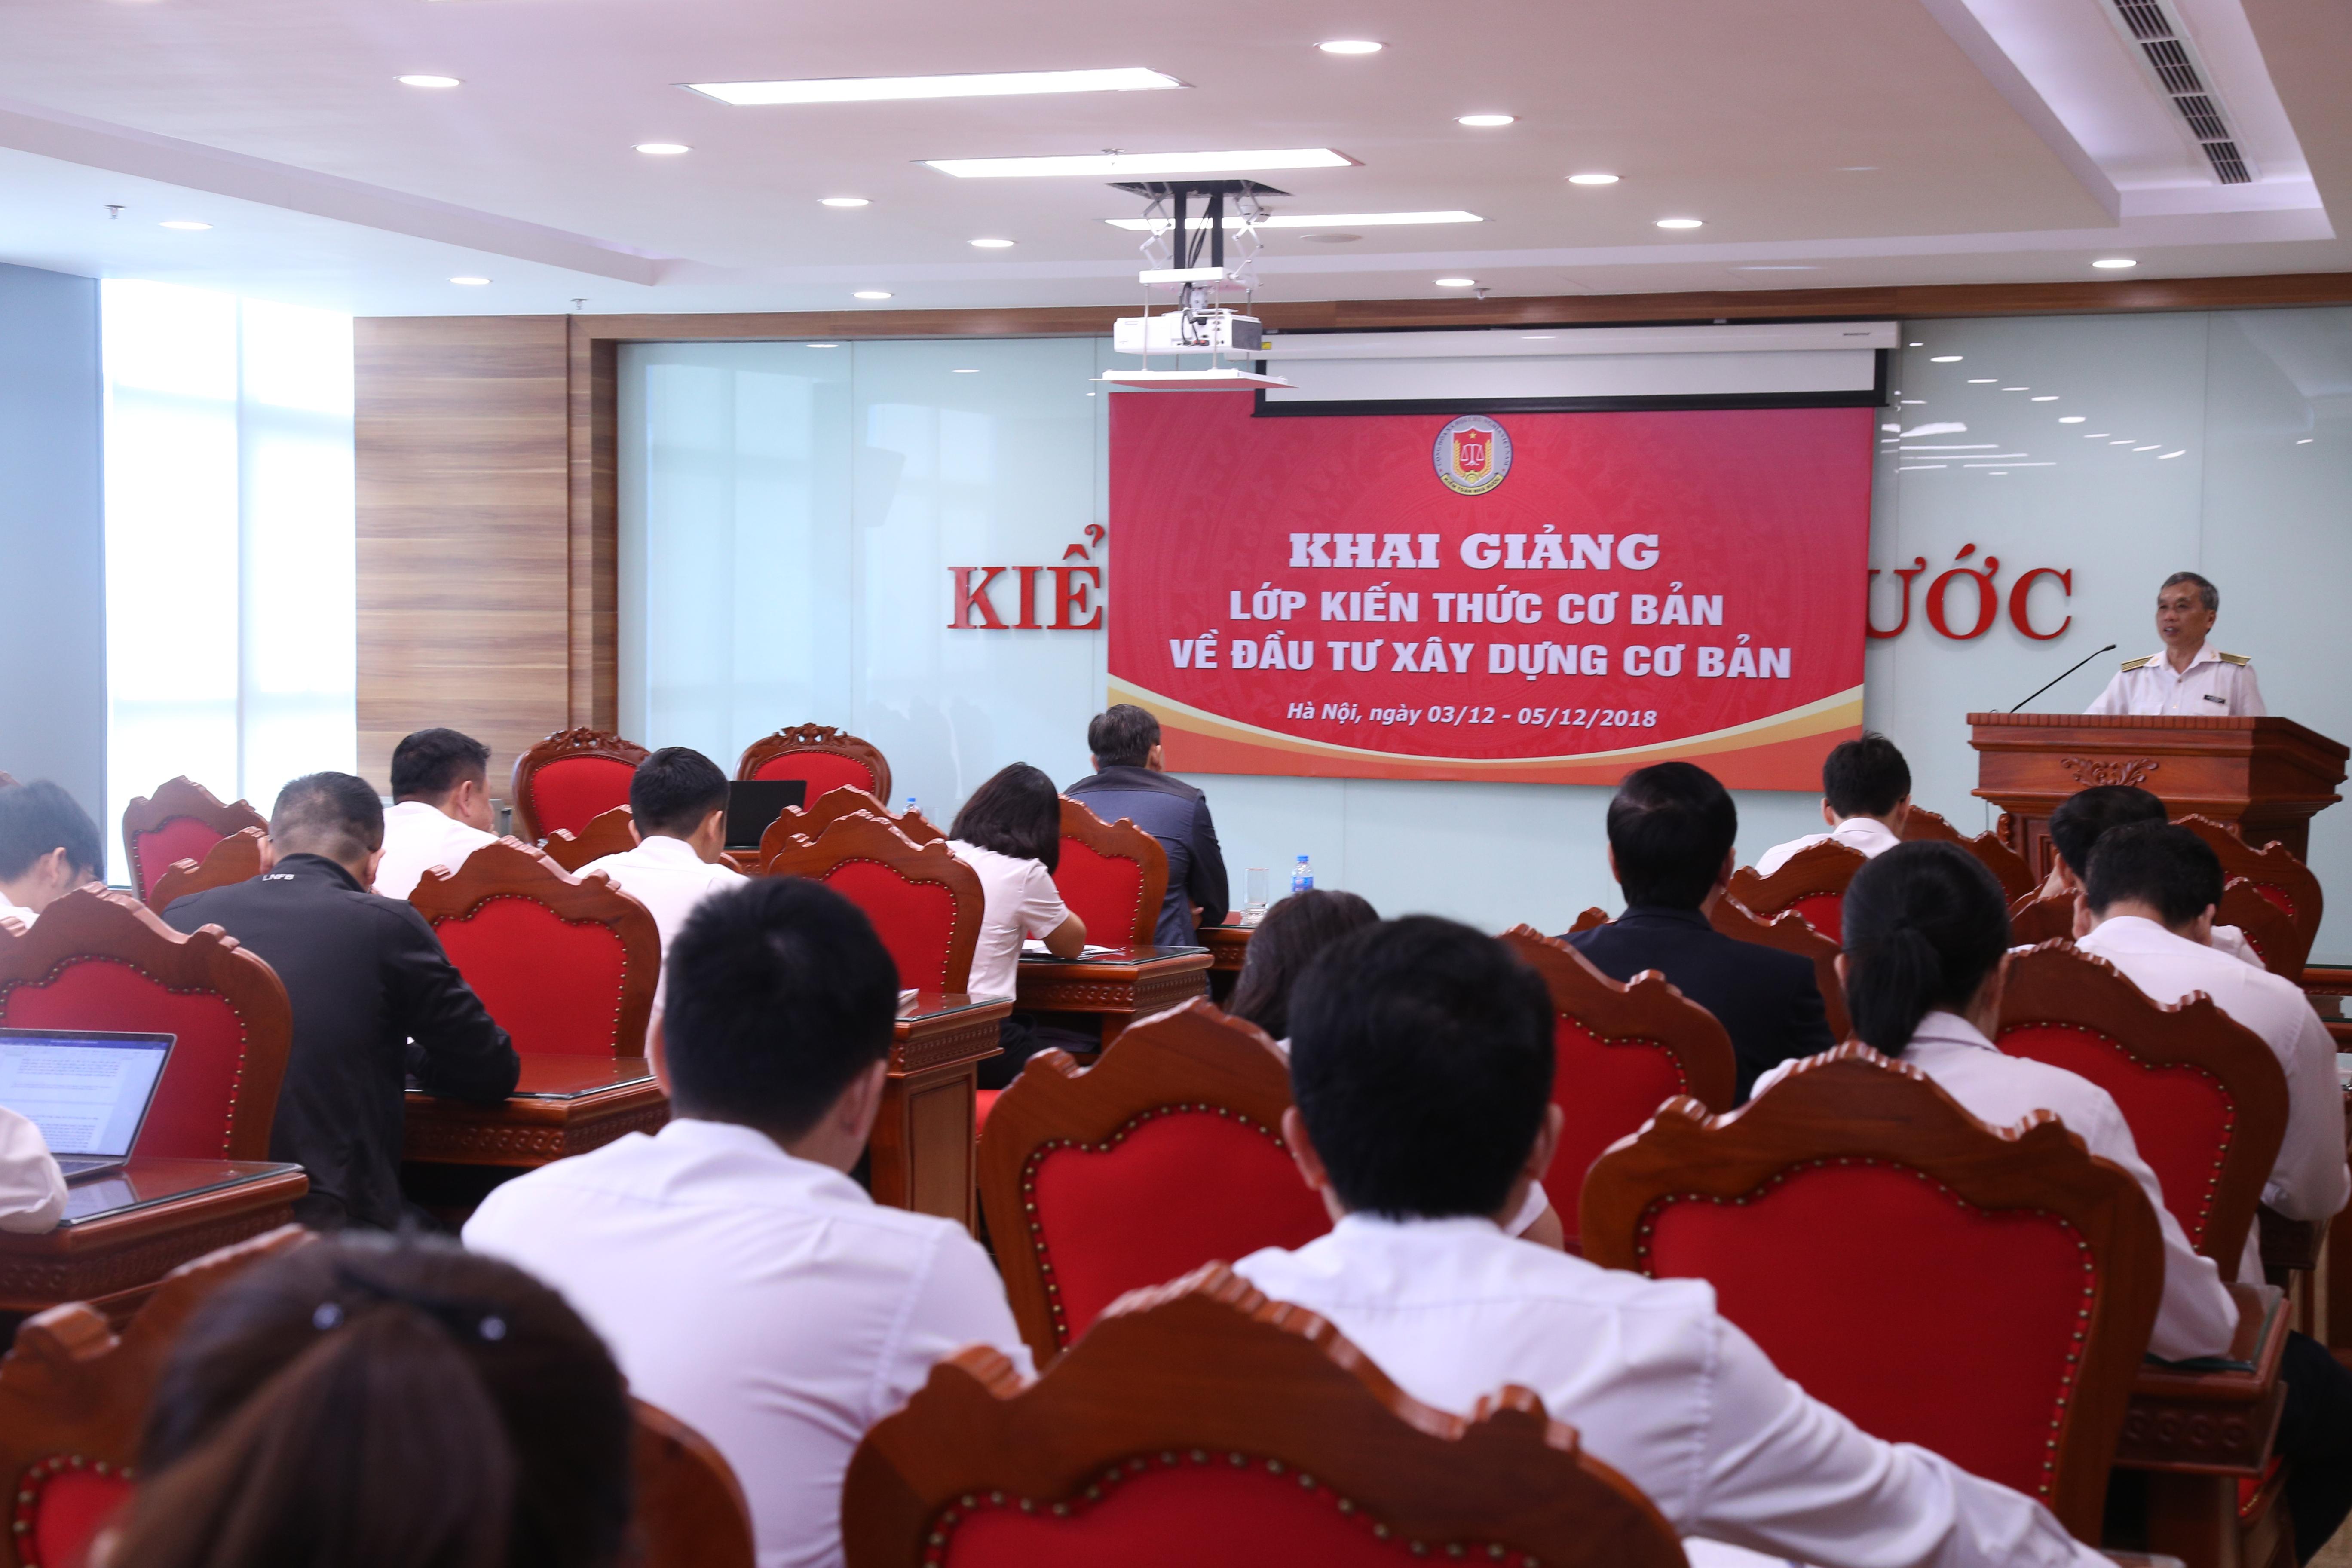 Khai giảng Lớp kiến thức về đầu tư xây dựng cơ bản